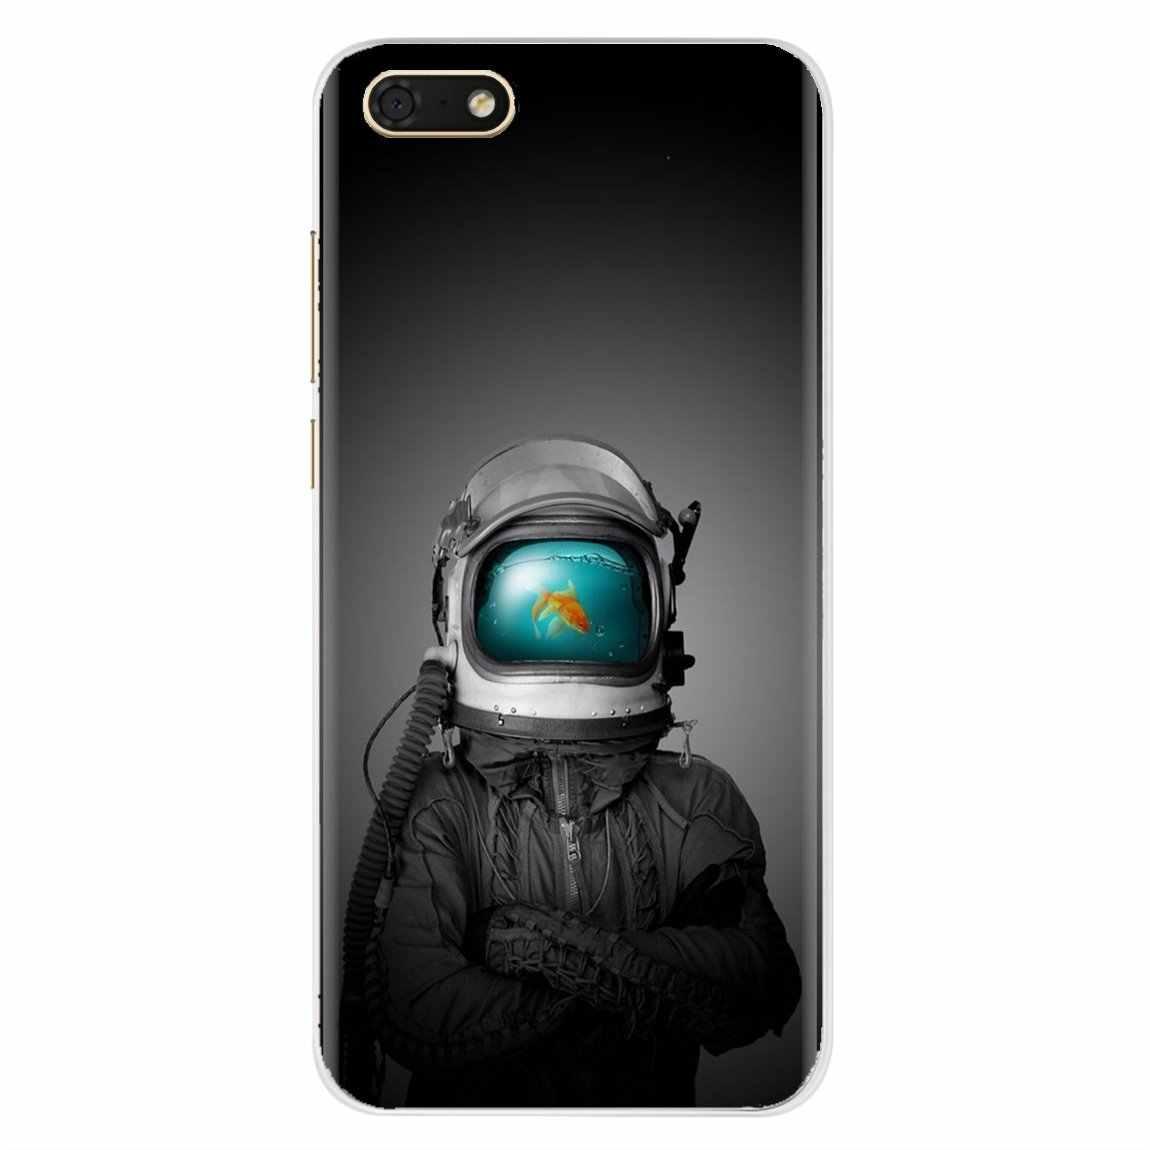 Bán Đen Hạc Trắng Đại Bàng Sói Xinh Xắn Silicone Ốp Lưng Điện Thoại Samsung Galaxy A10 A30 A40 A50 A60 A70 s6 Hoạt Động Note Edge